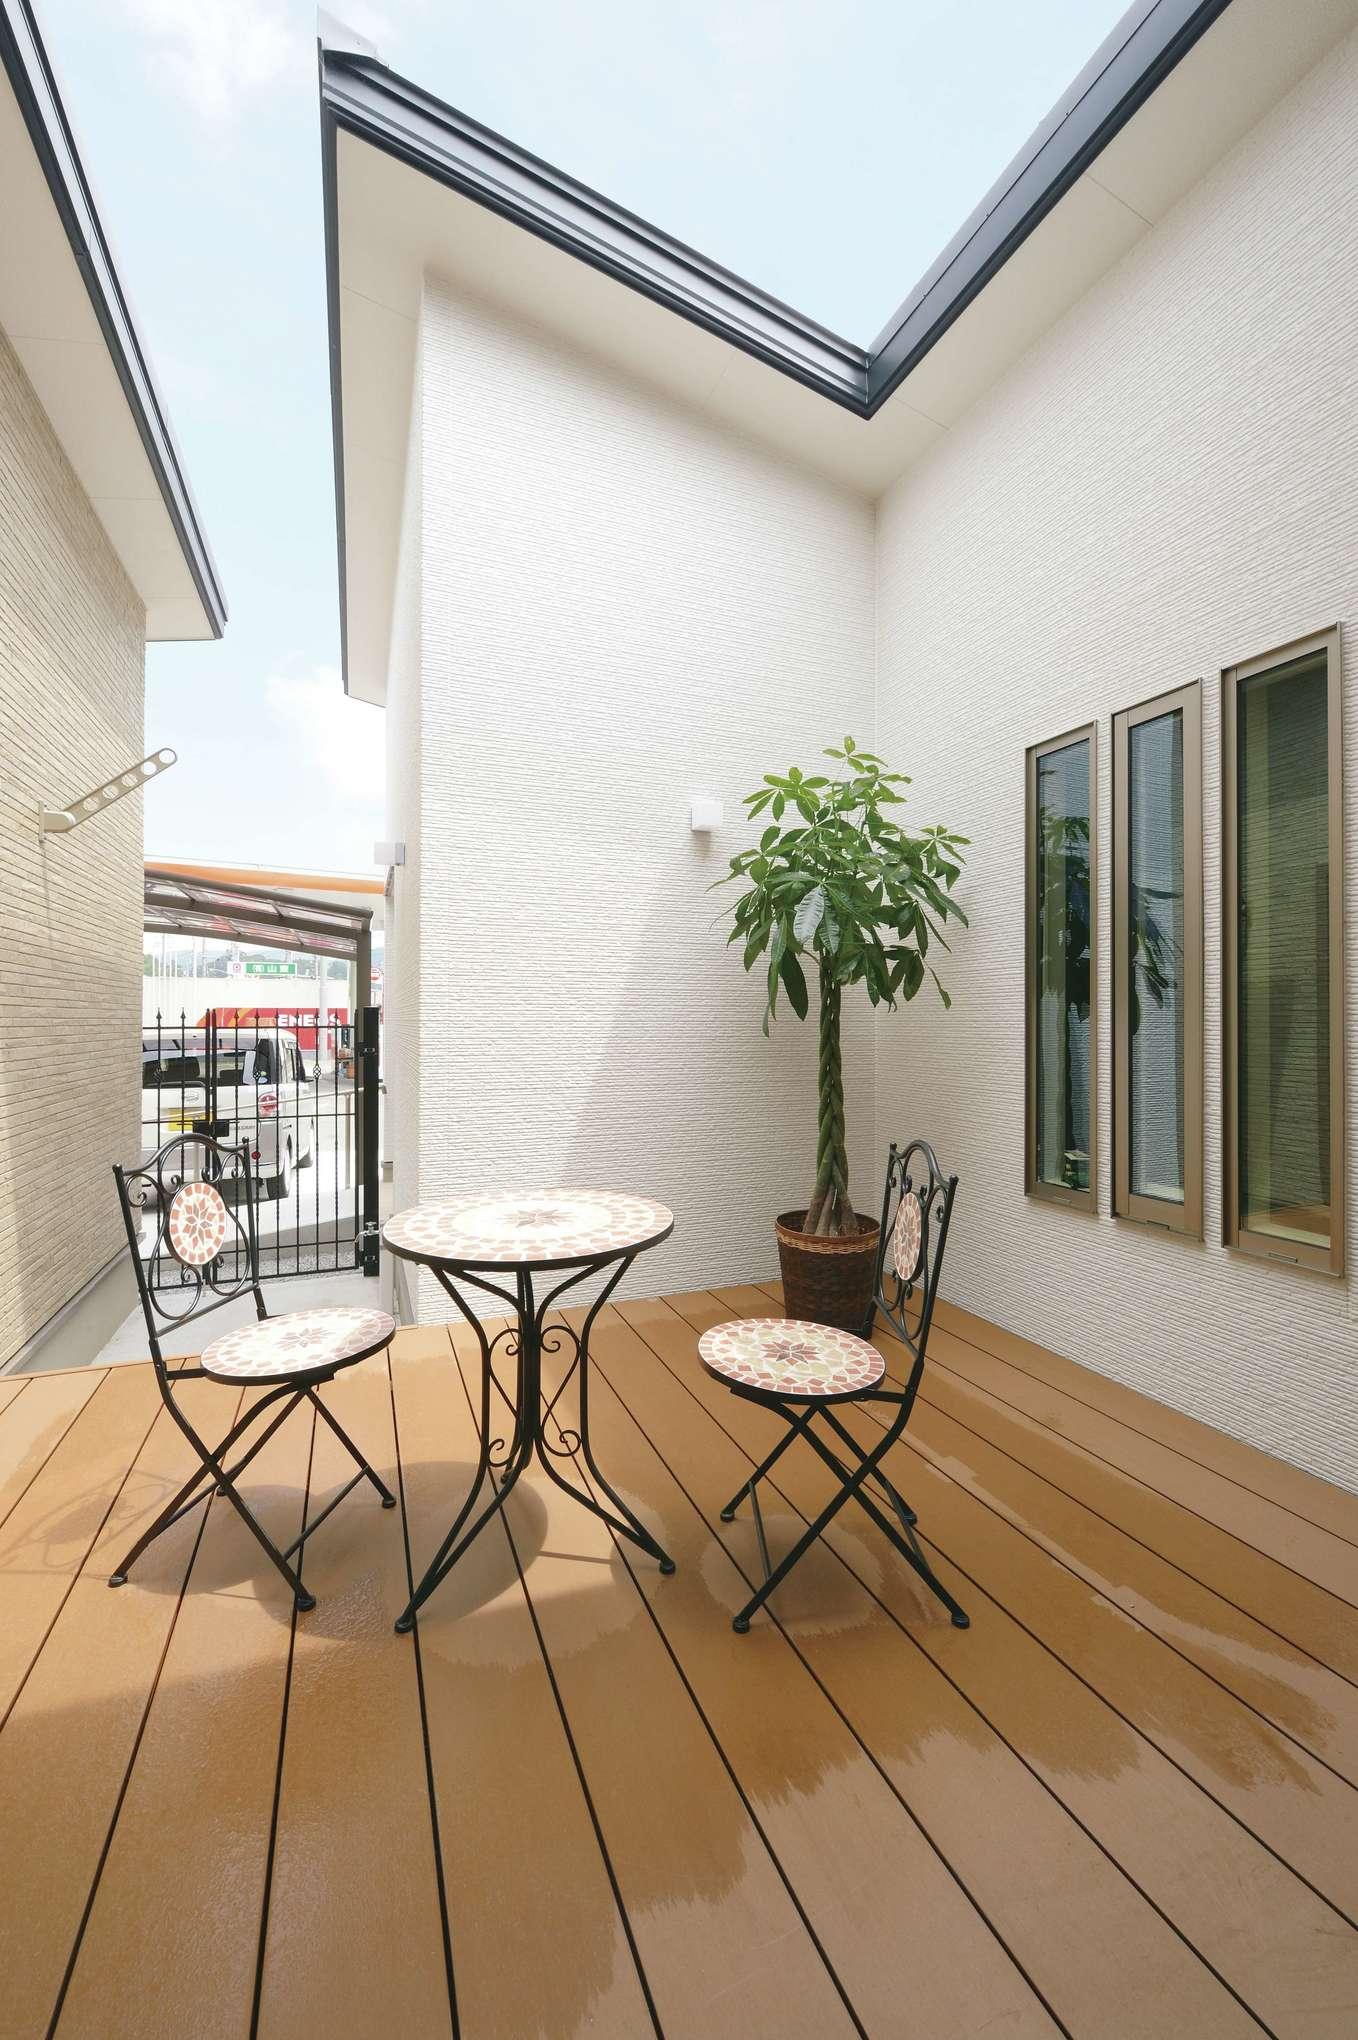 朝日住宅【デザイン住宅、夫婦で暮らす、平屋】3方向を囲まれた中庭が家の中心。大きな窓越しに光、風を室内へ届ける